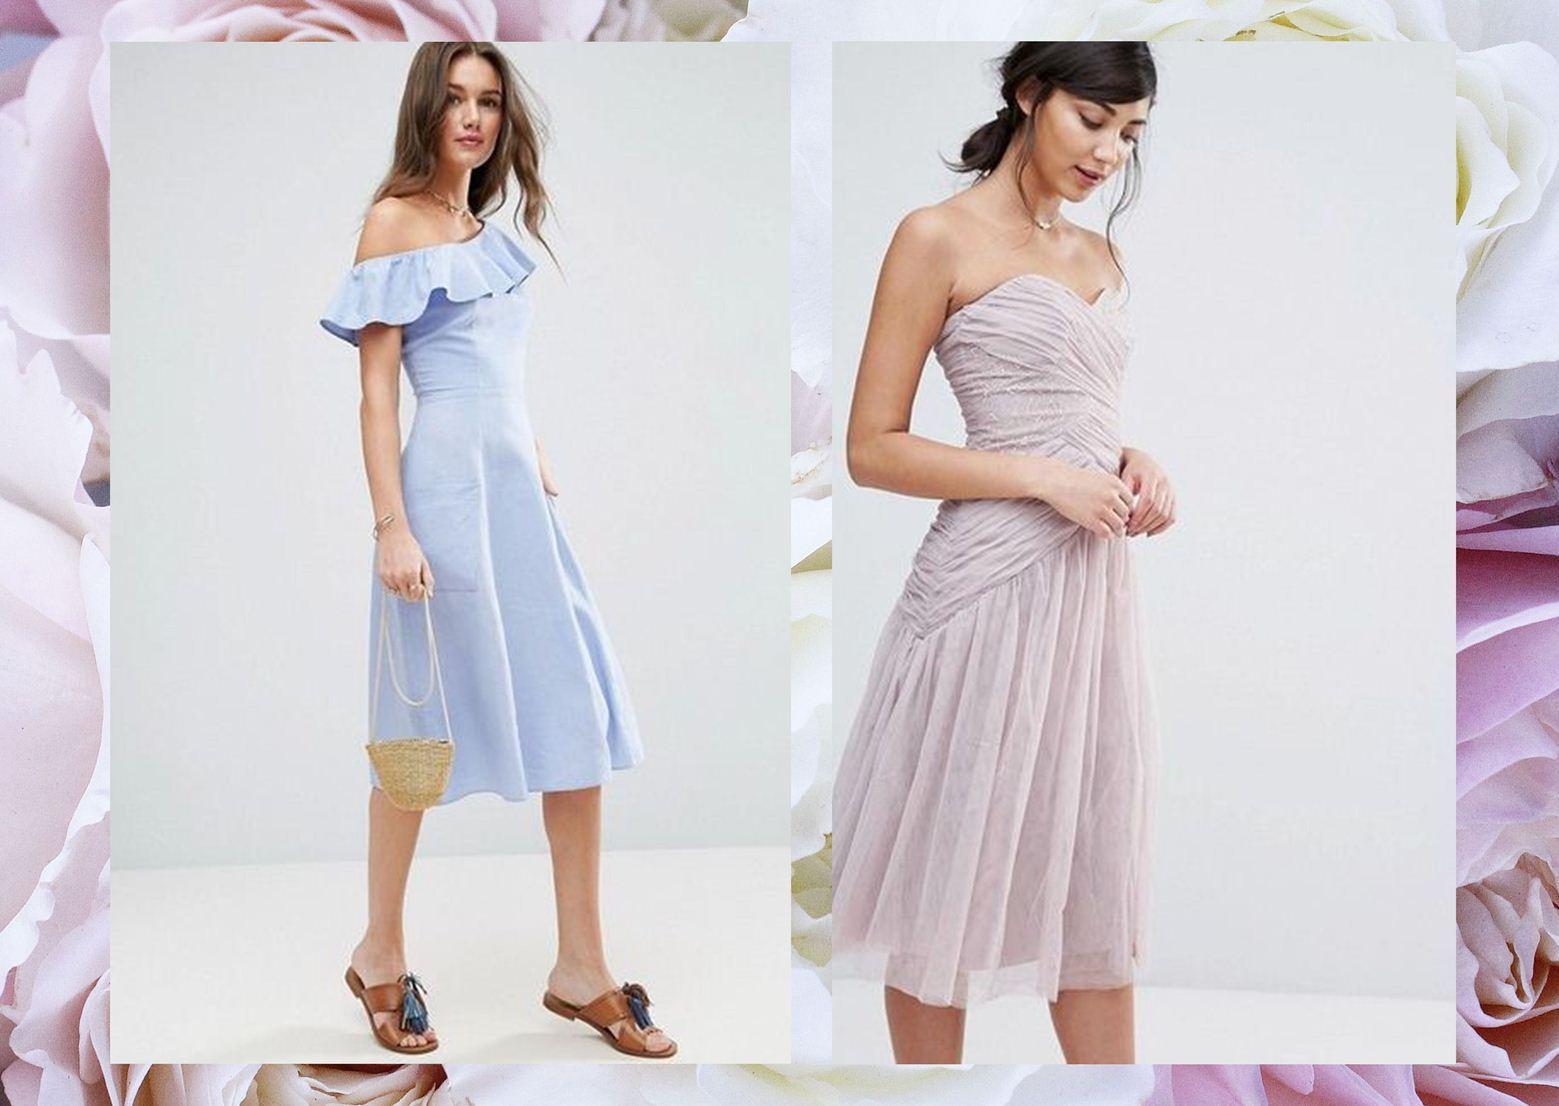 Die schönsten Kleider für Hochzeitsgäste  Deutscher Modeblog